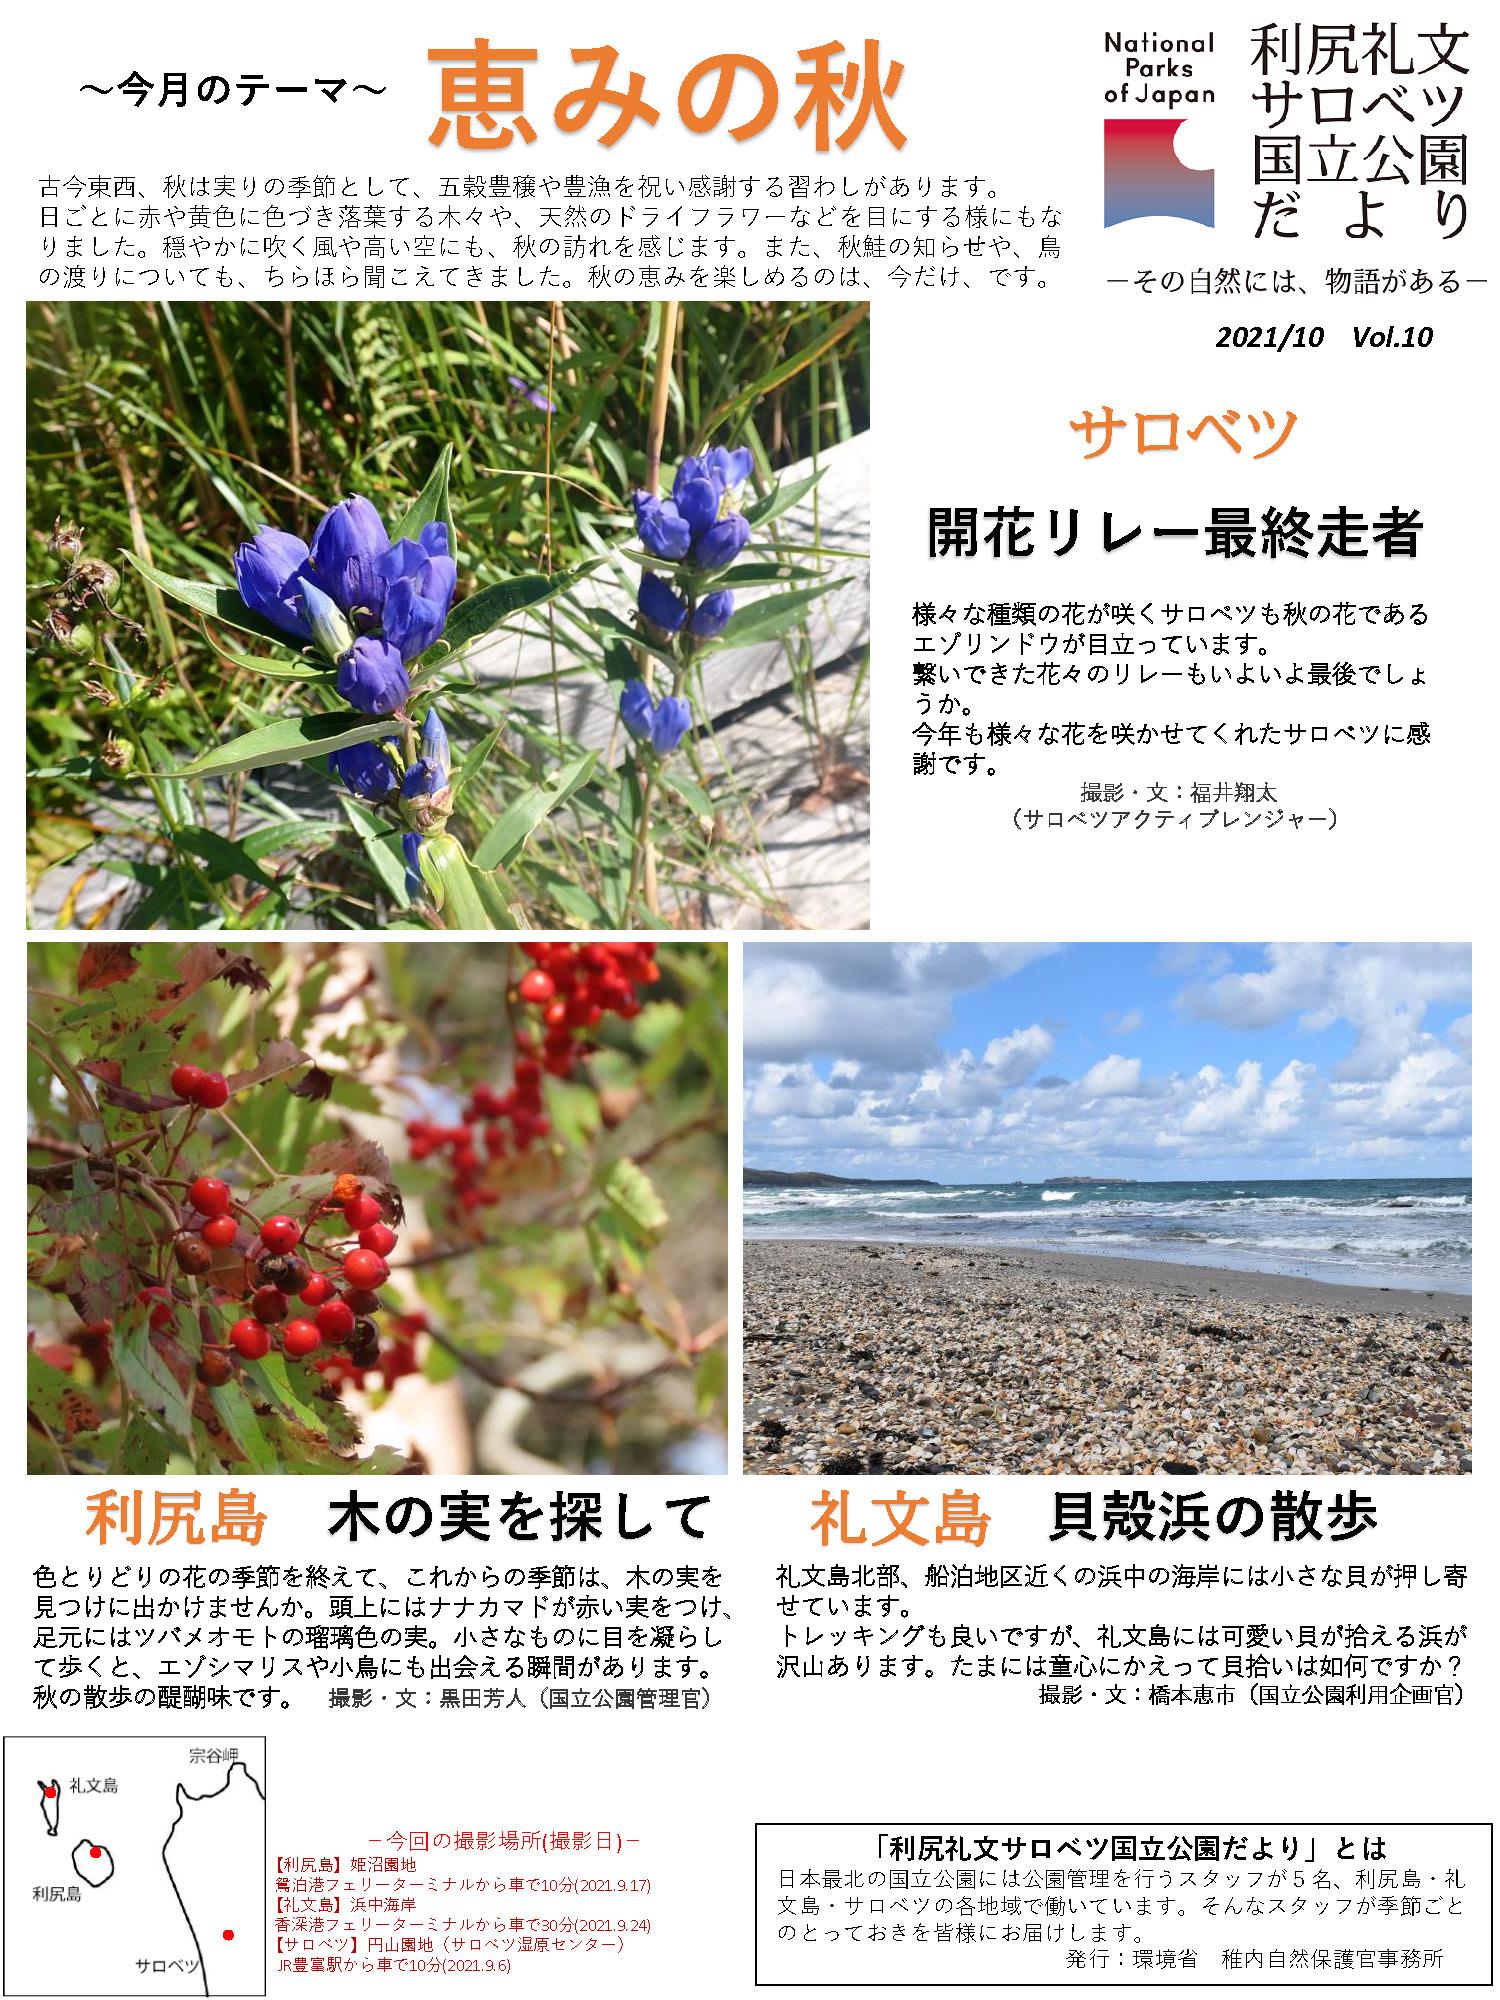 利尻礼文サロベツ国立公園だより Vol.10